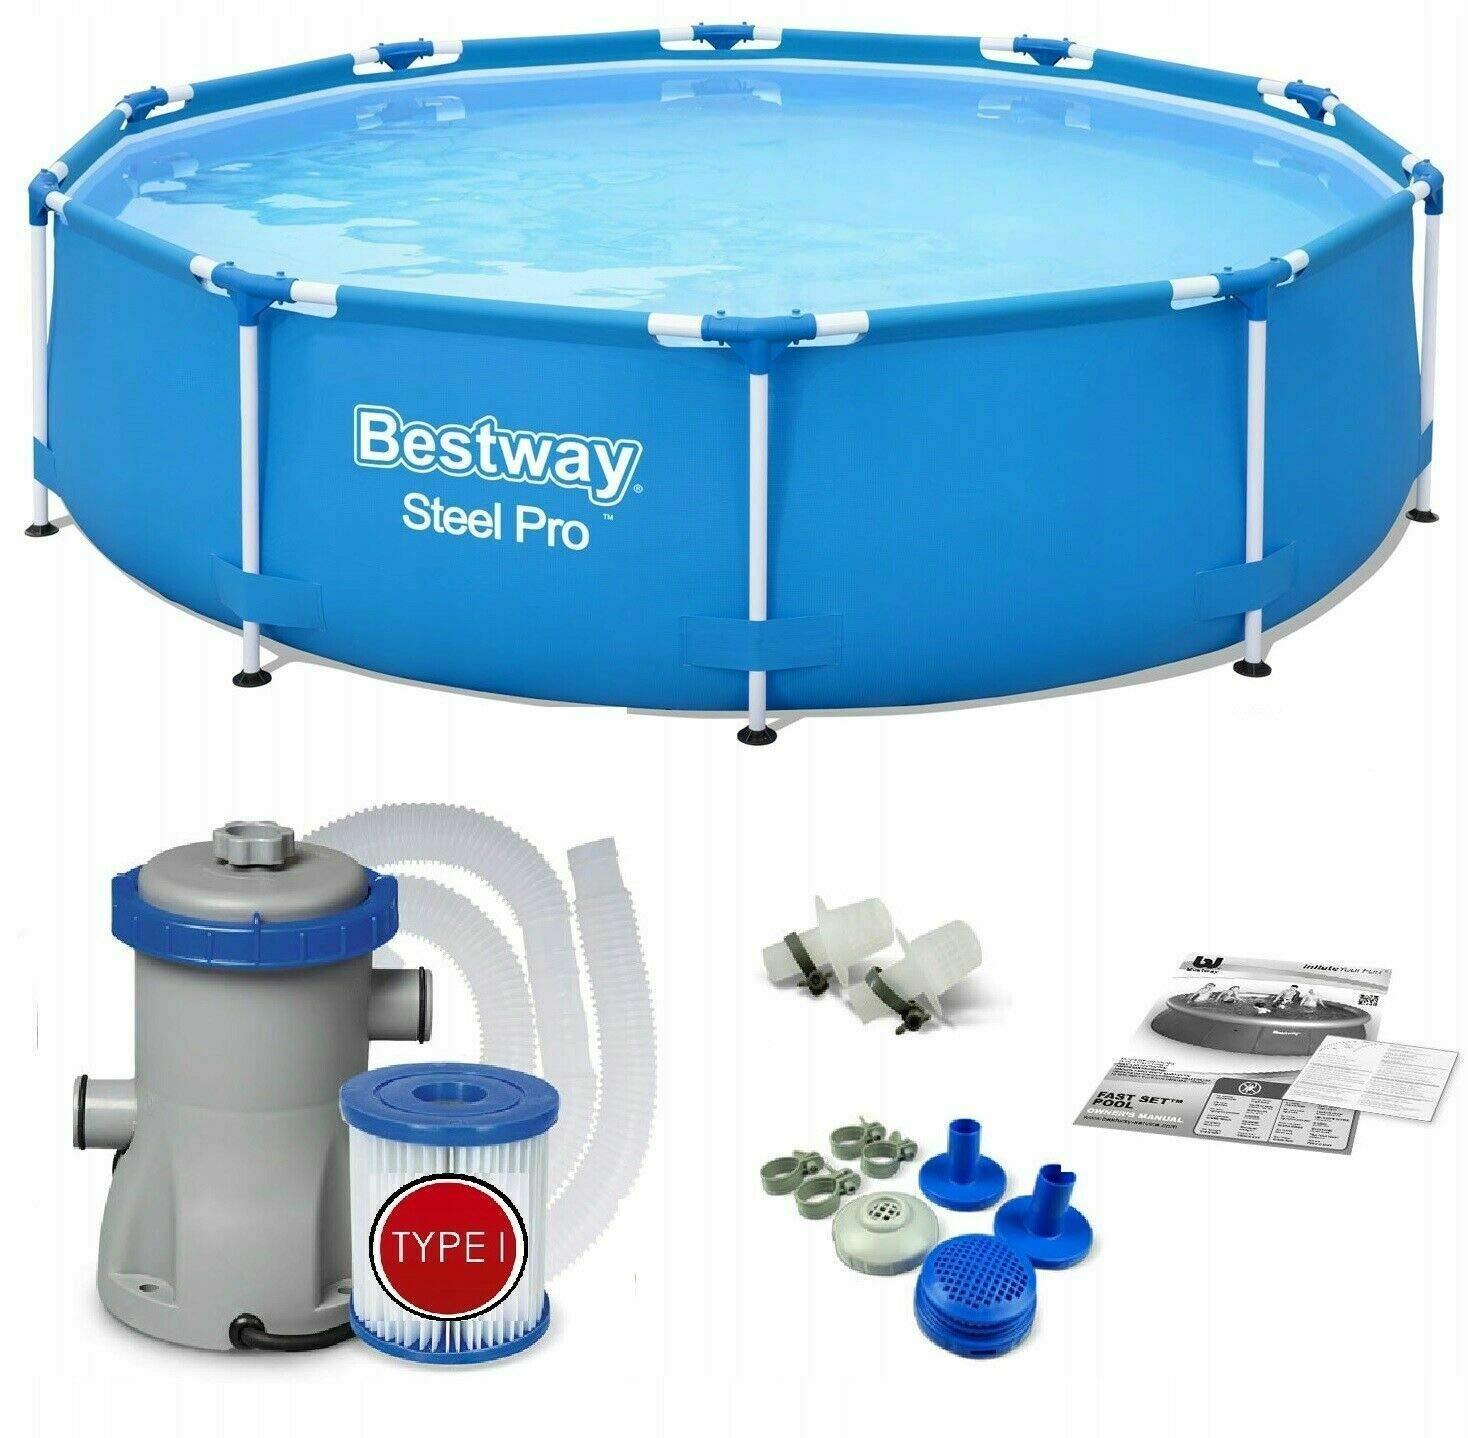 Bestway 56681 | Steel Pro – Piscina exterior redonda 366 x 76 cm, bomba de filtrado incluida: Amazon.es: Jardín